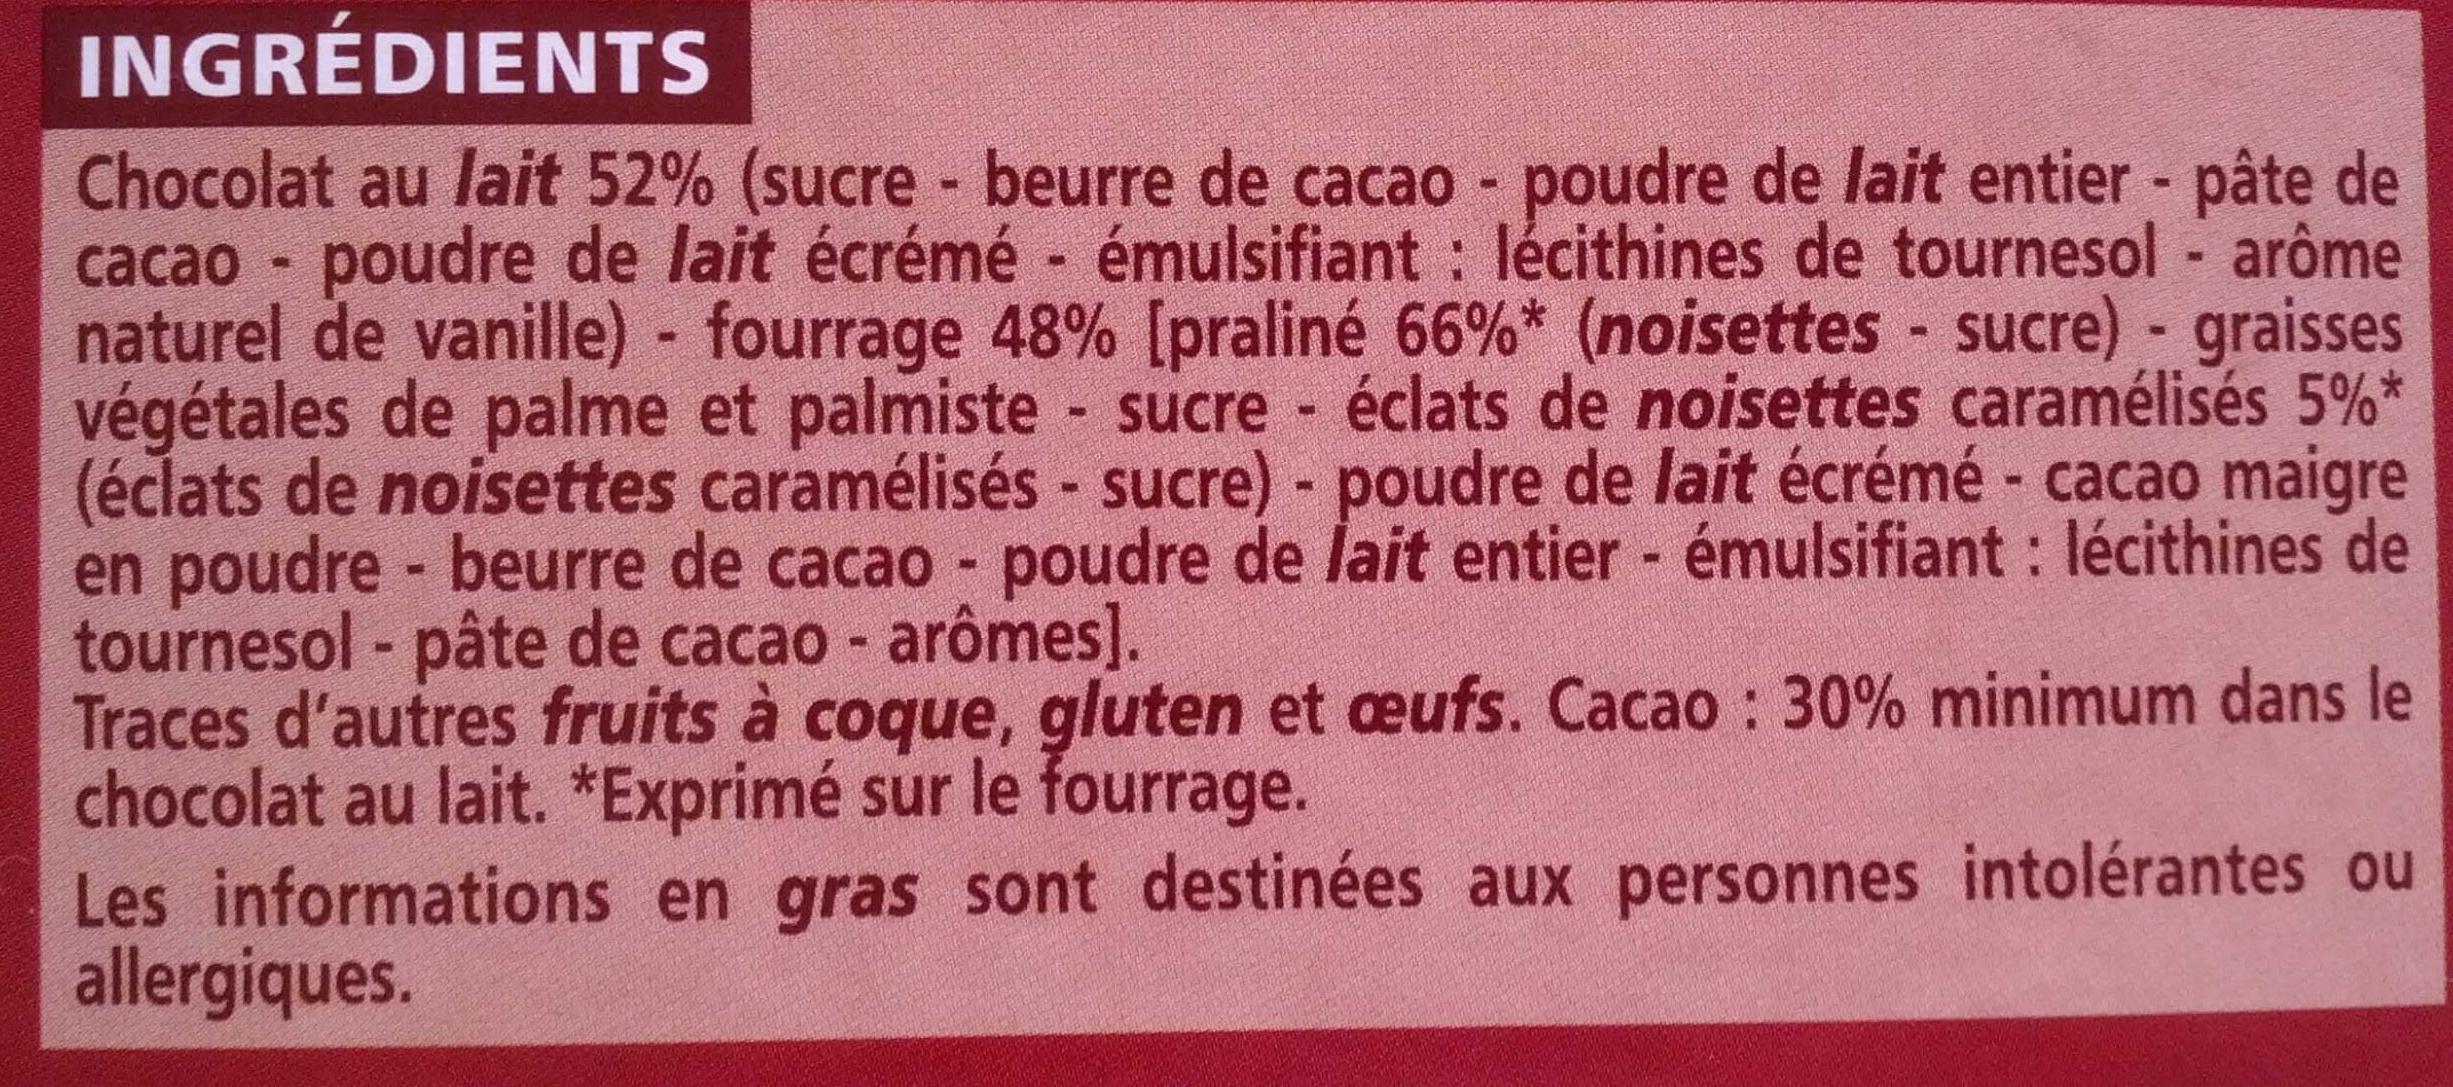 Chocolat supérieur - Lait praliné Nougatine - Ingrédients - fr